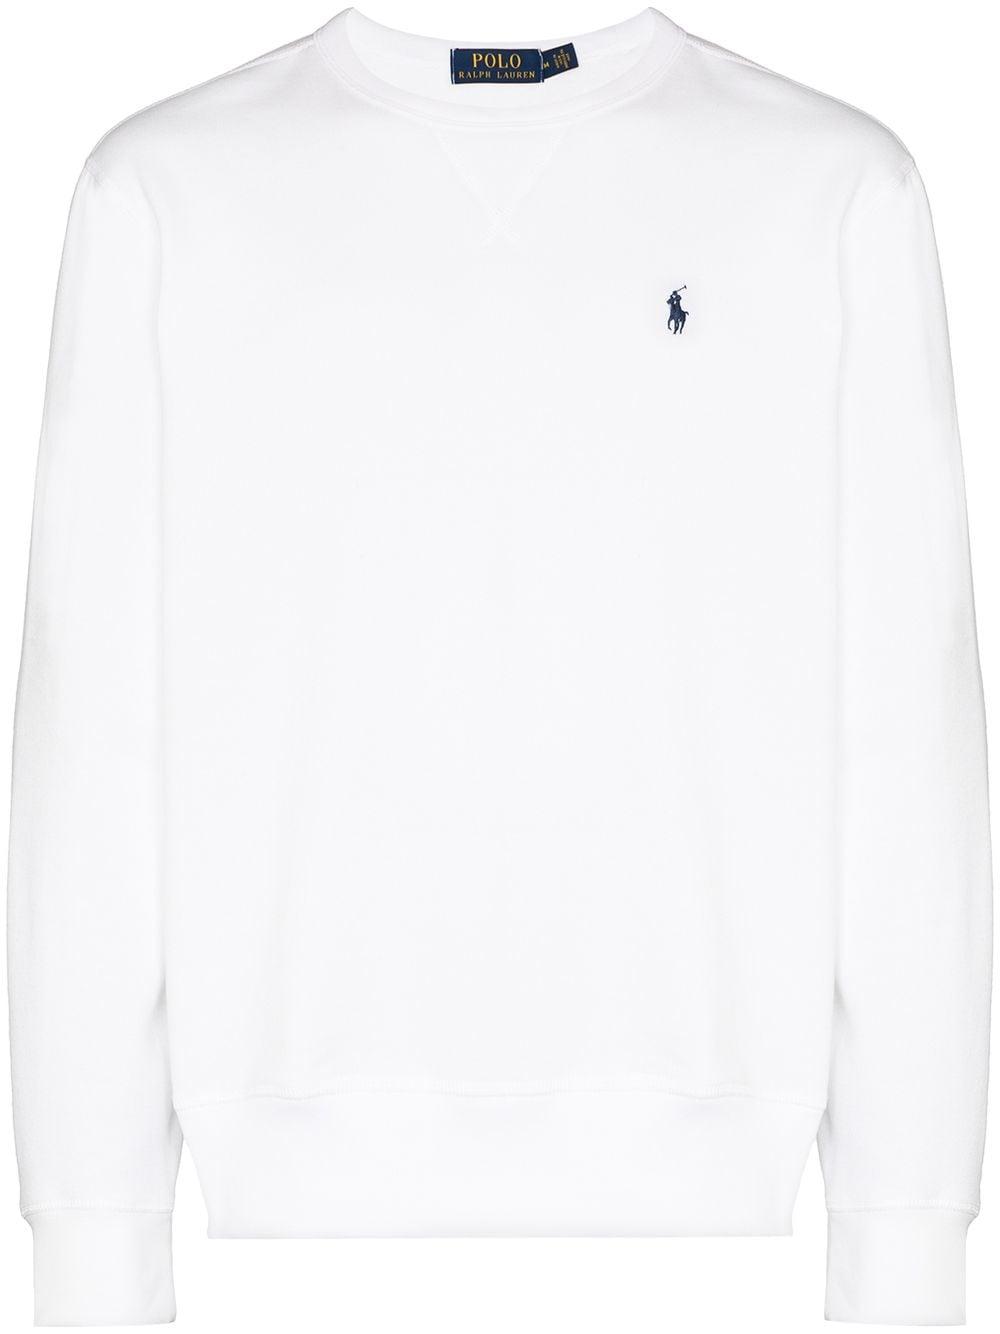 Polo Ralph Lauren Sweatshirt mit Logo-Stickerei - Weiß